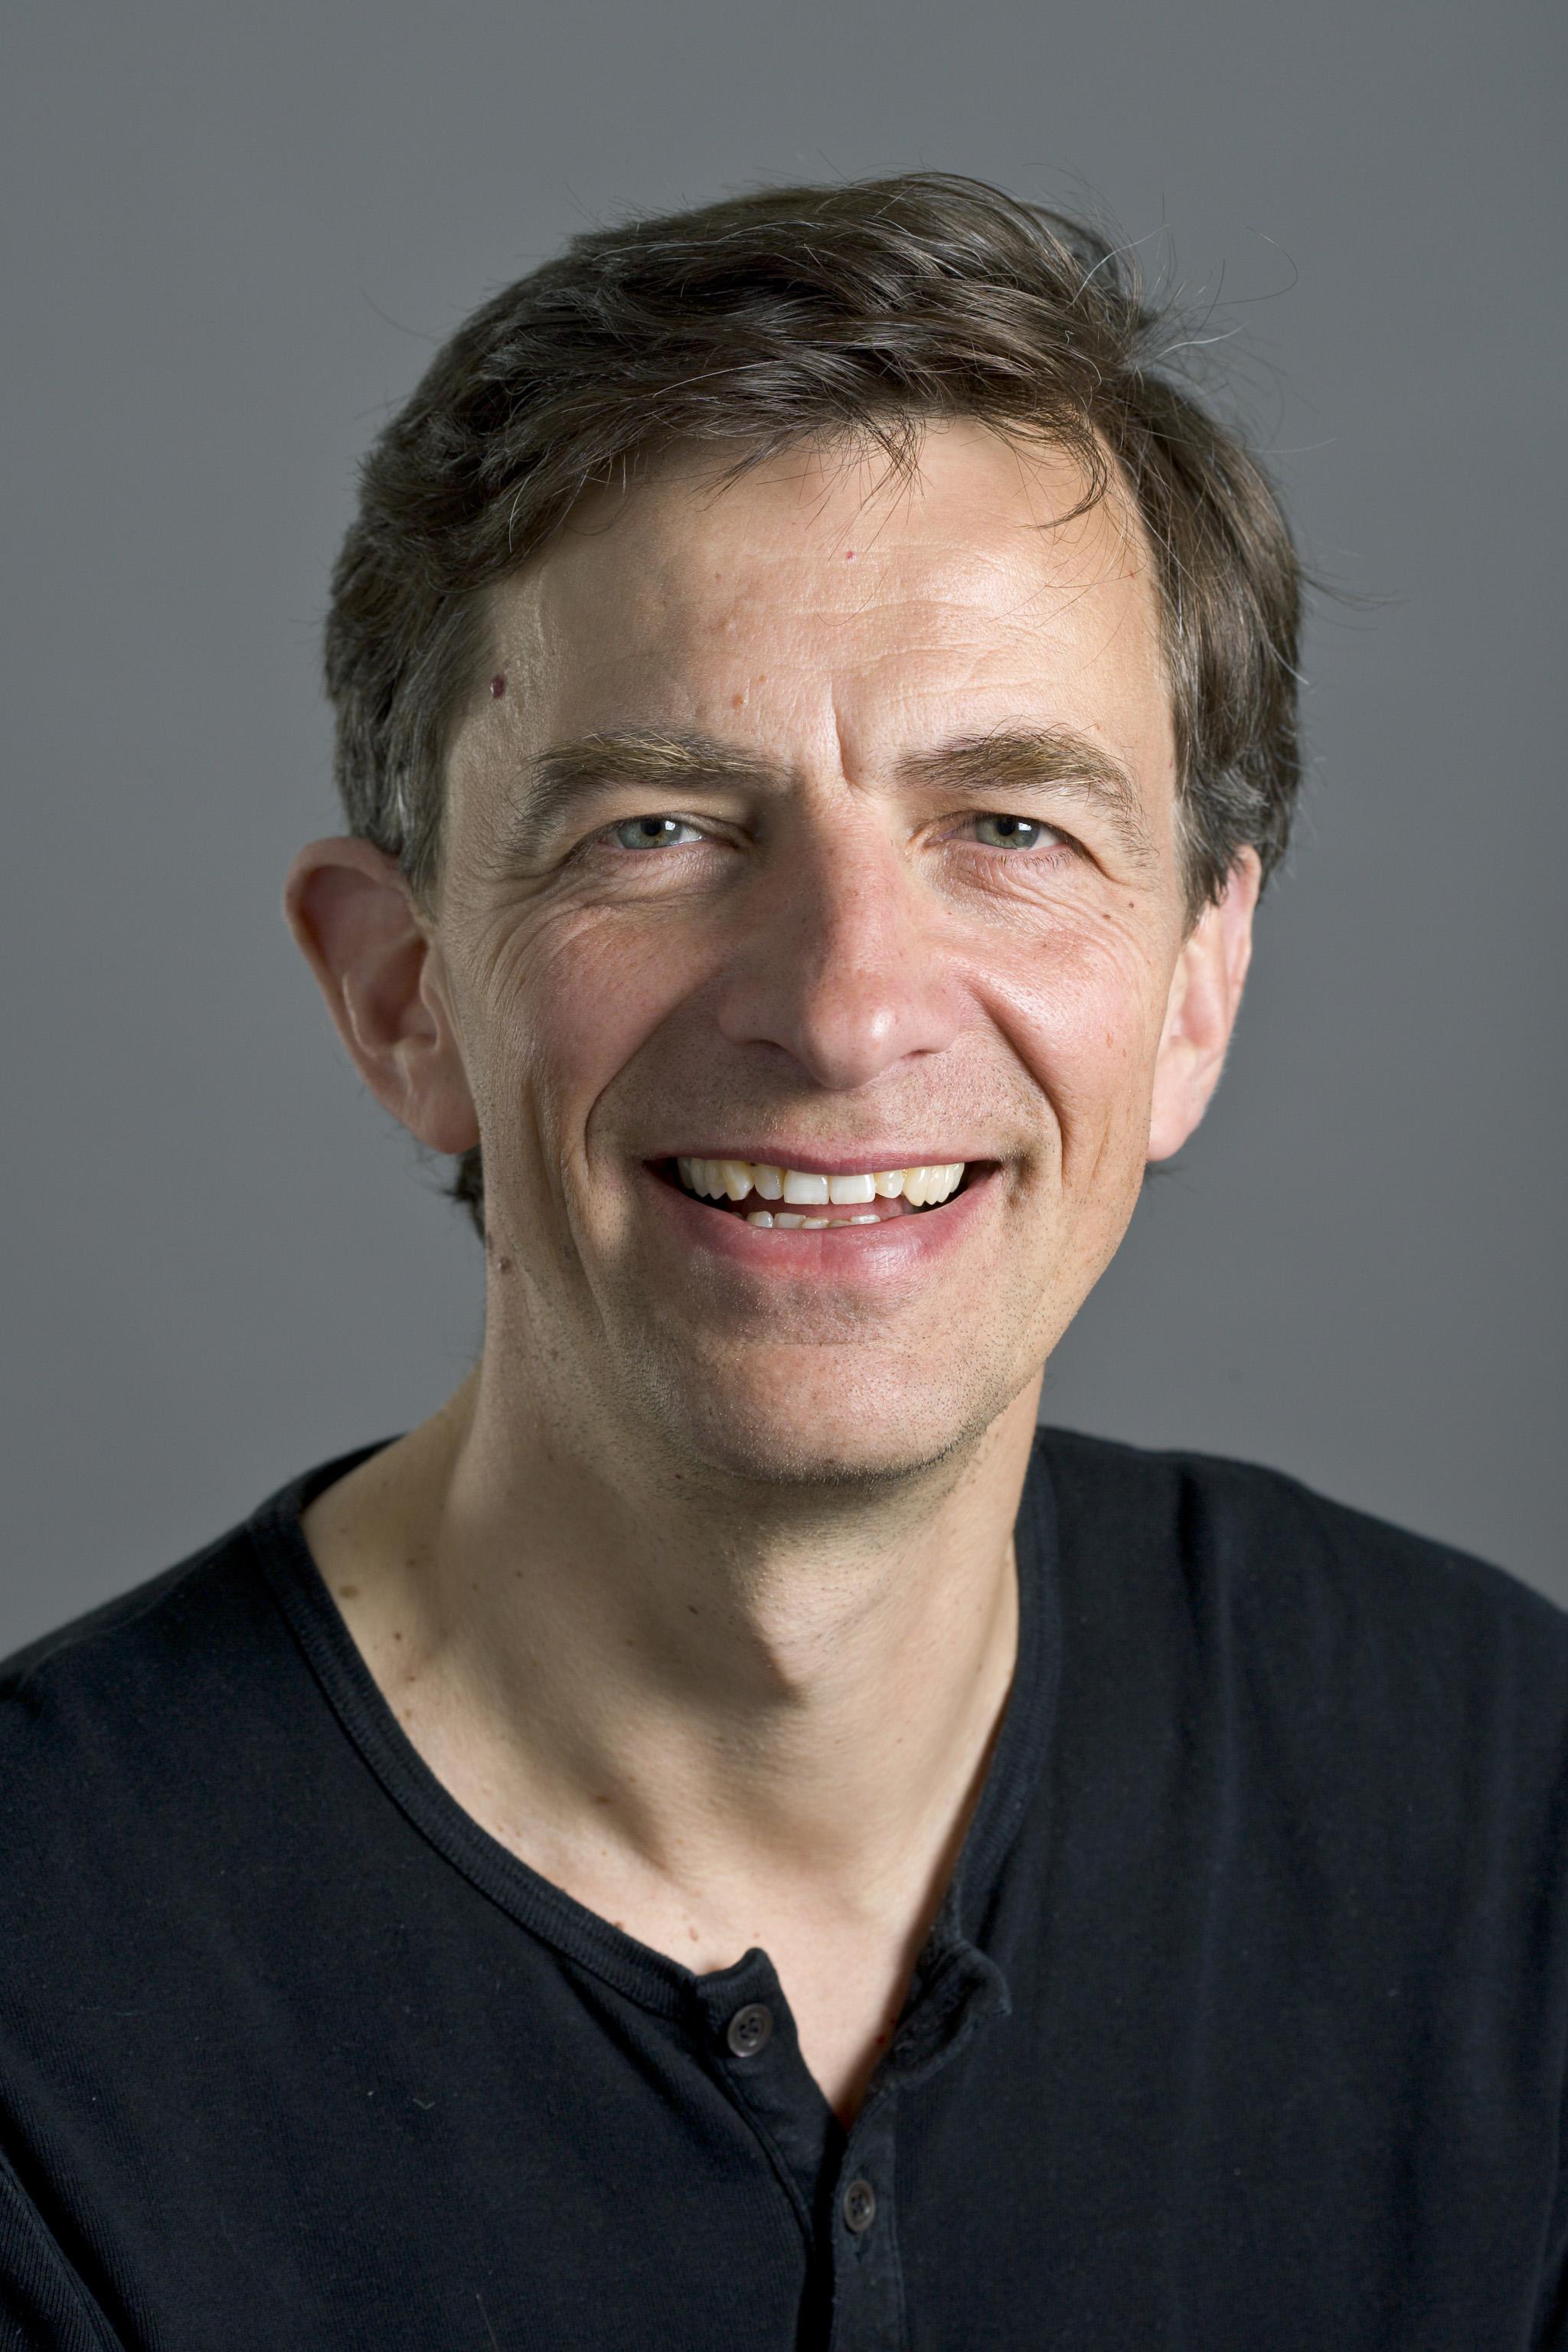 20050614 Kr¾ftens bek¾mpelse. Christoffer Johansen, Institut for Epidemiologisk Kr¾ftforskning.